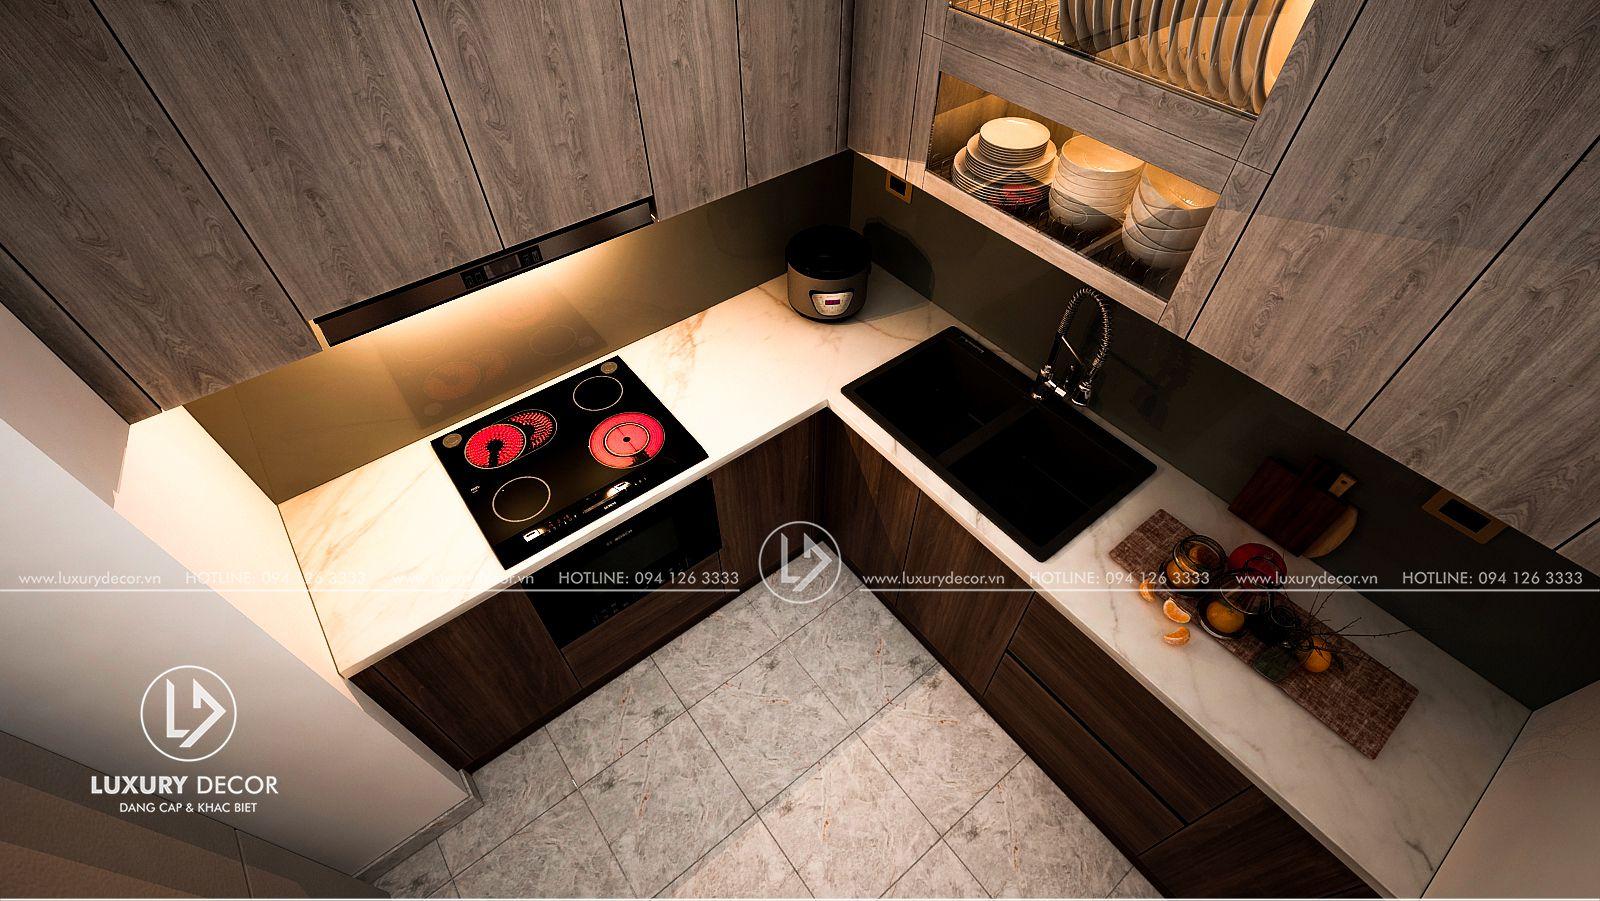 Dịch vụ đóng tủ bếp tốt nhất Hà Nội